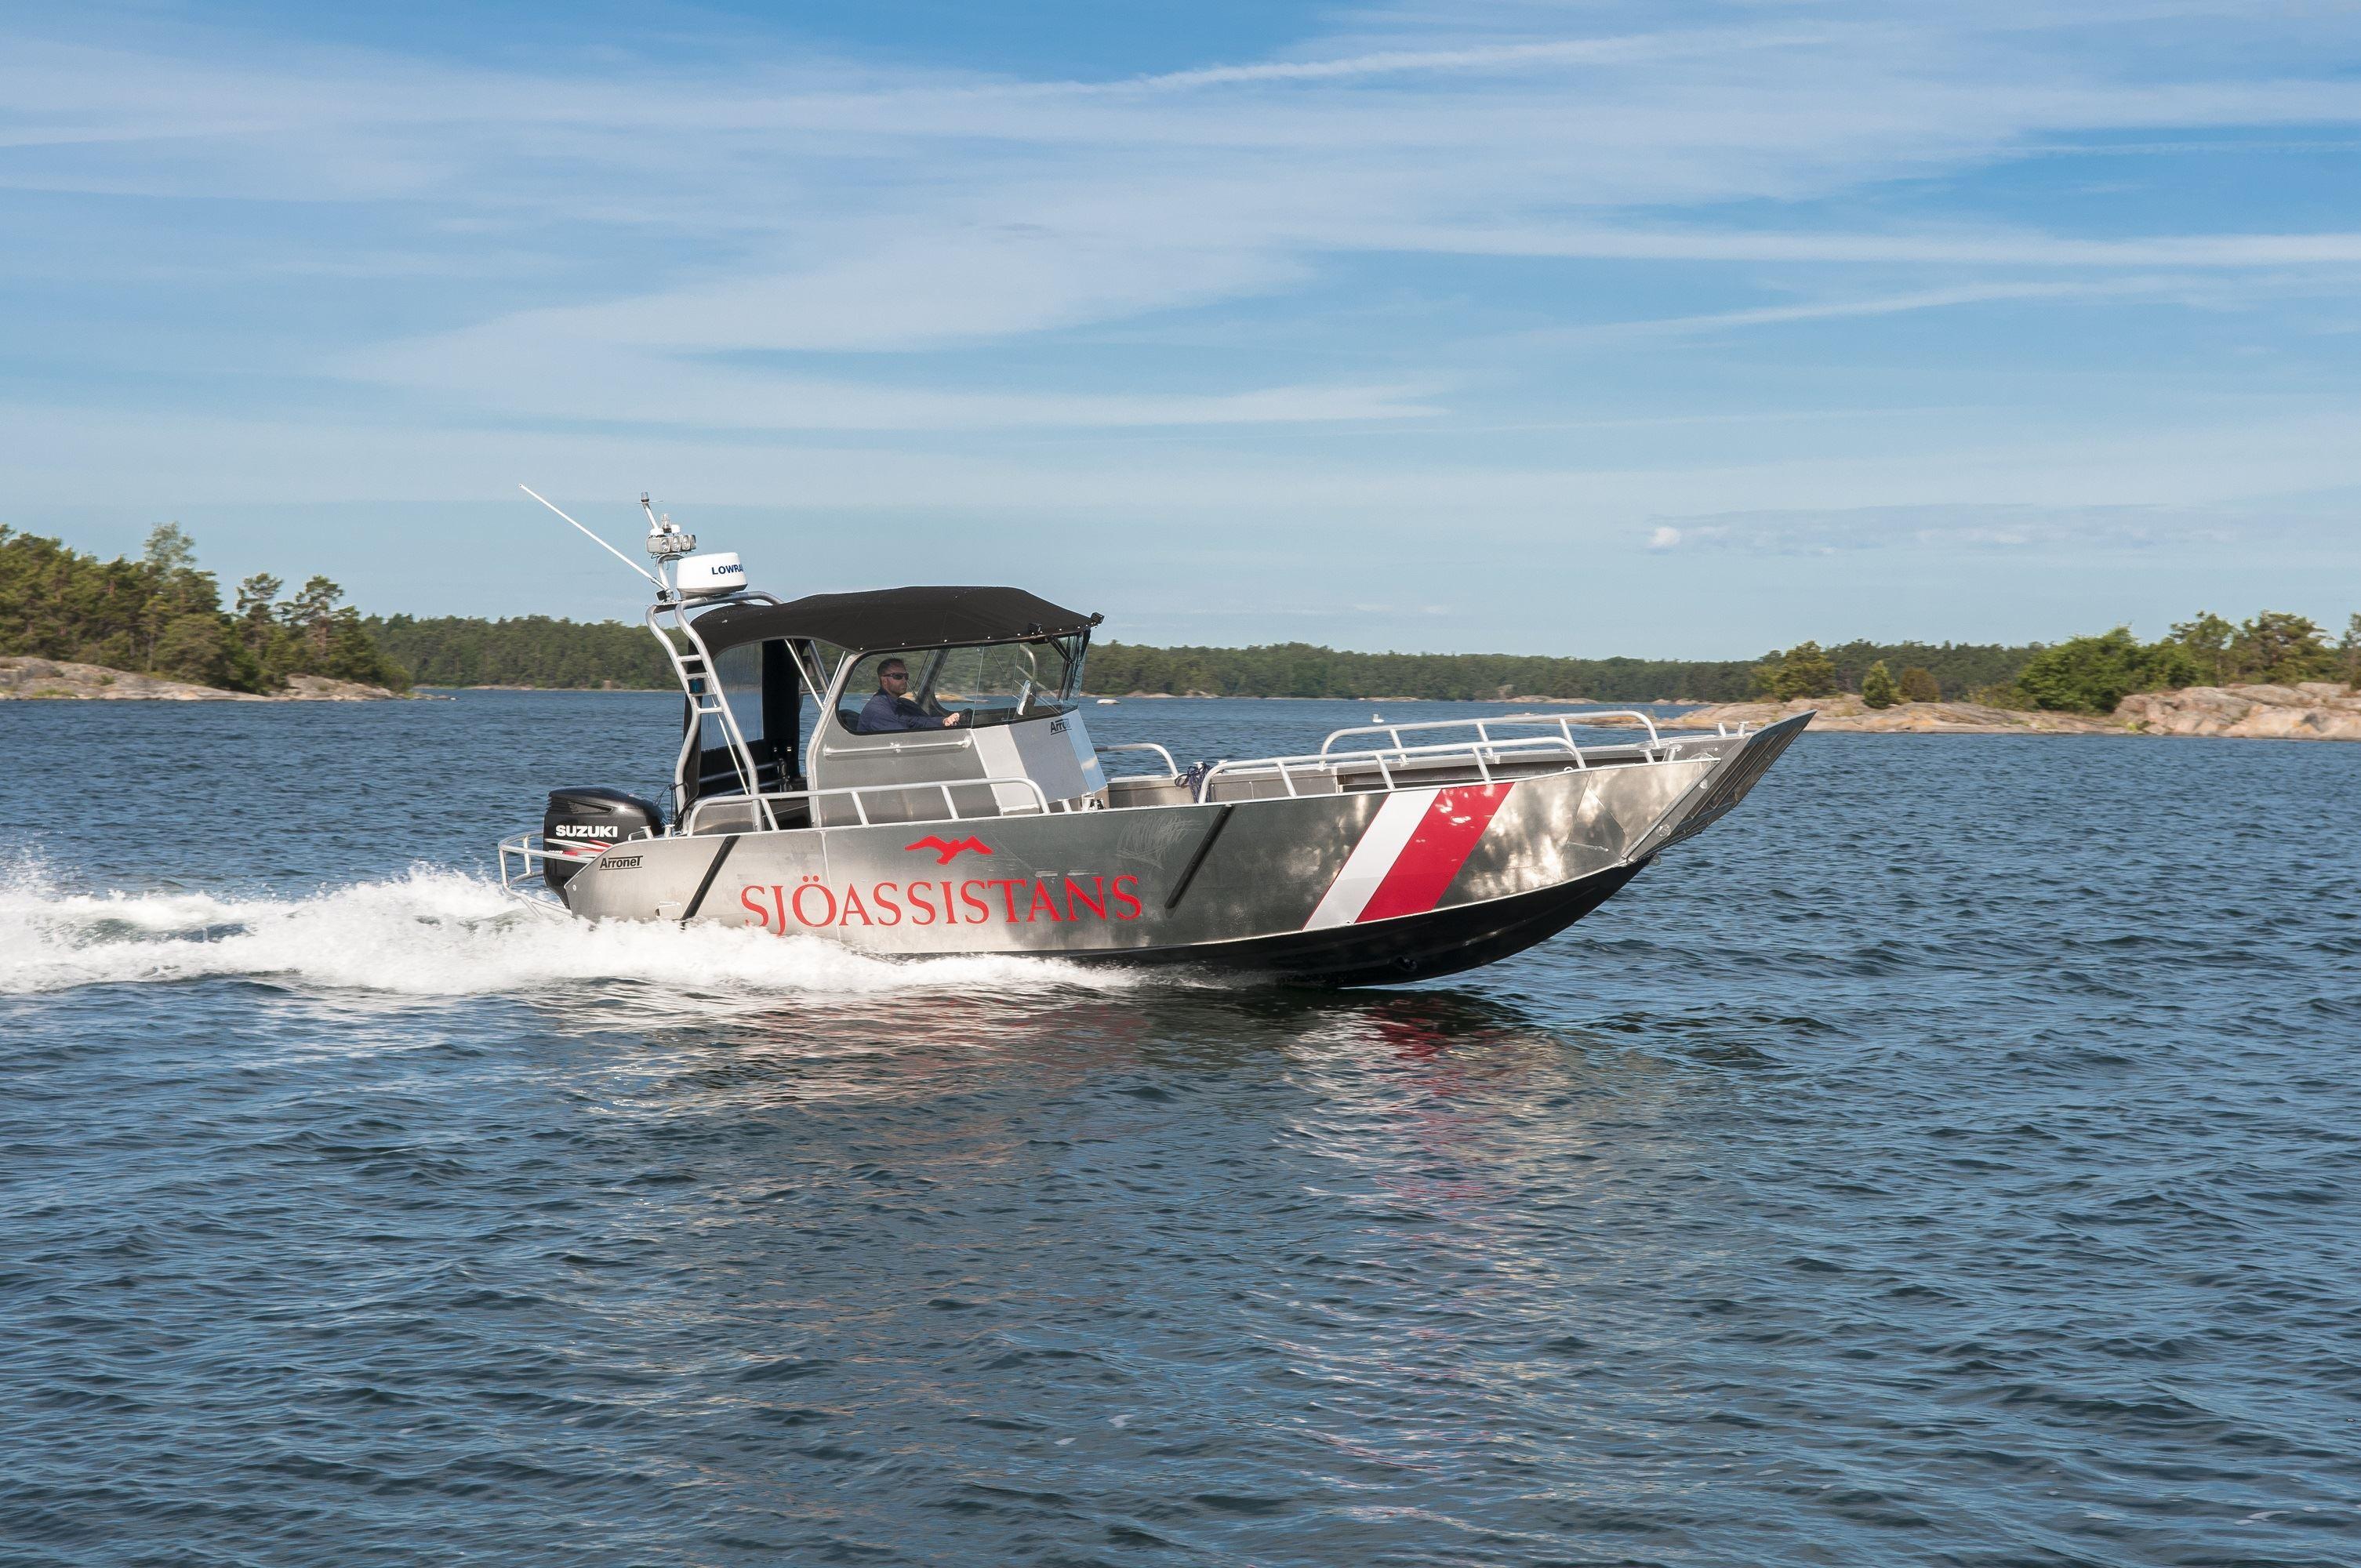 Boat taxi, Marqua Sea transportation